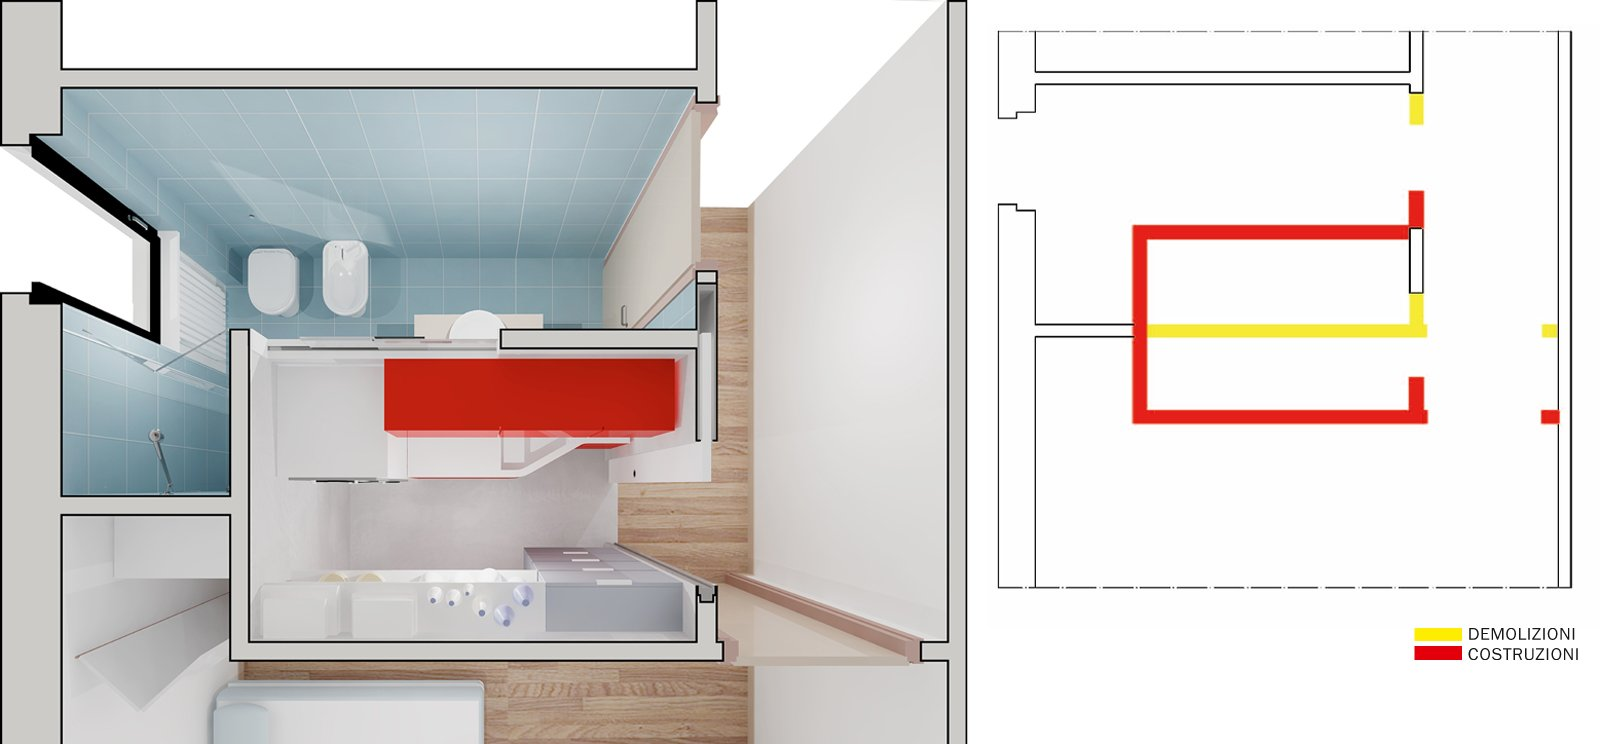 Lavanderia in 3 mq come la ricavo e quanto costa cose for Quanto costa una casa con 4 camere da letto